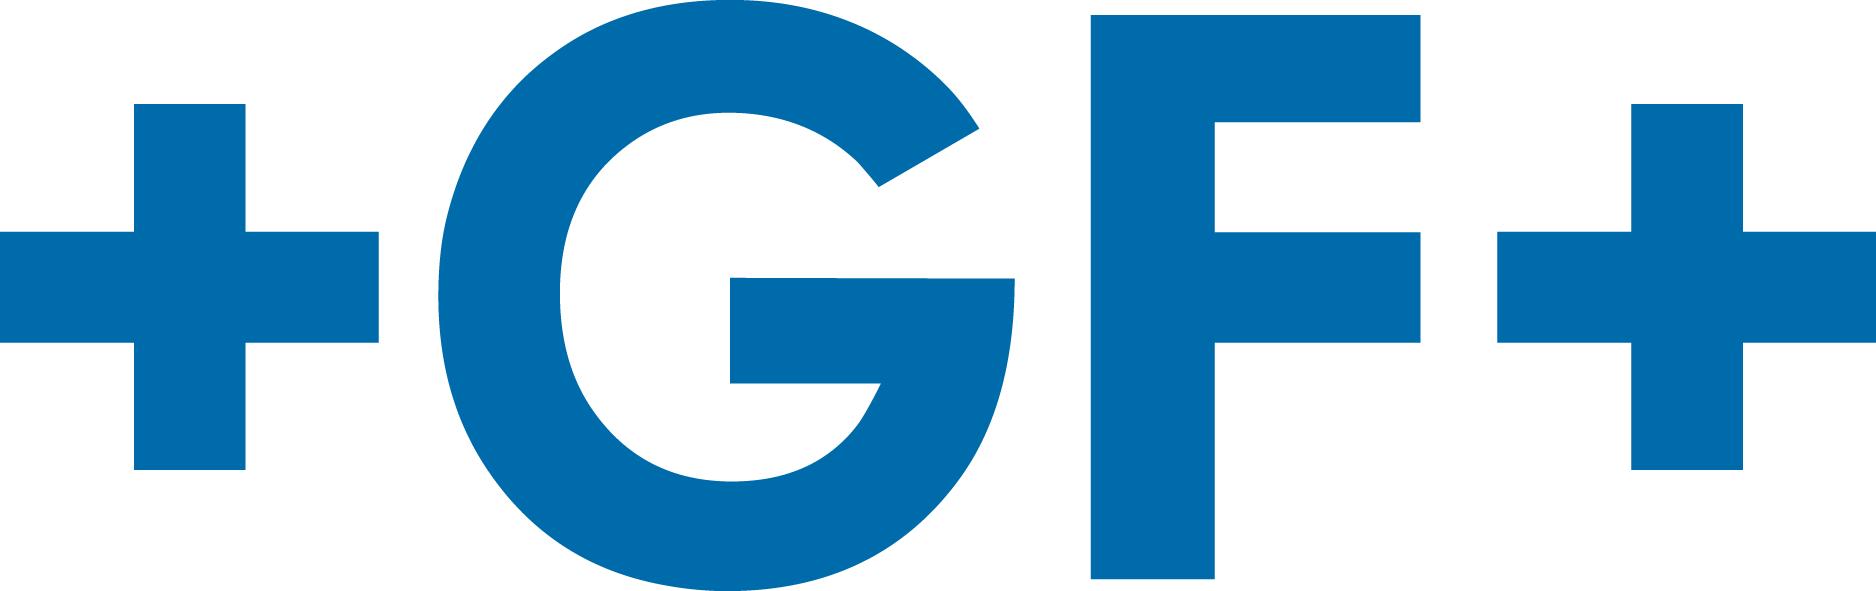 Georg Fischer Piping Systems (Switzerland) Ltd. Sales Office